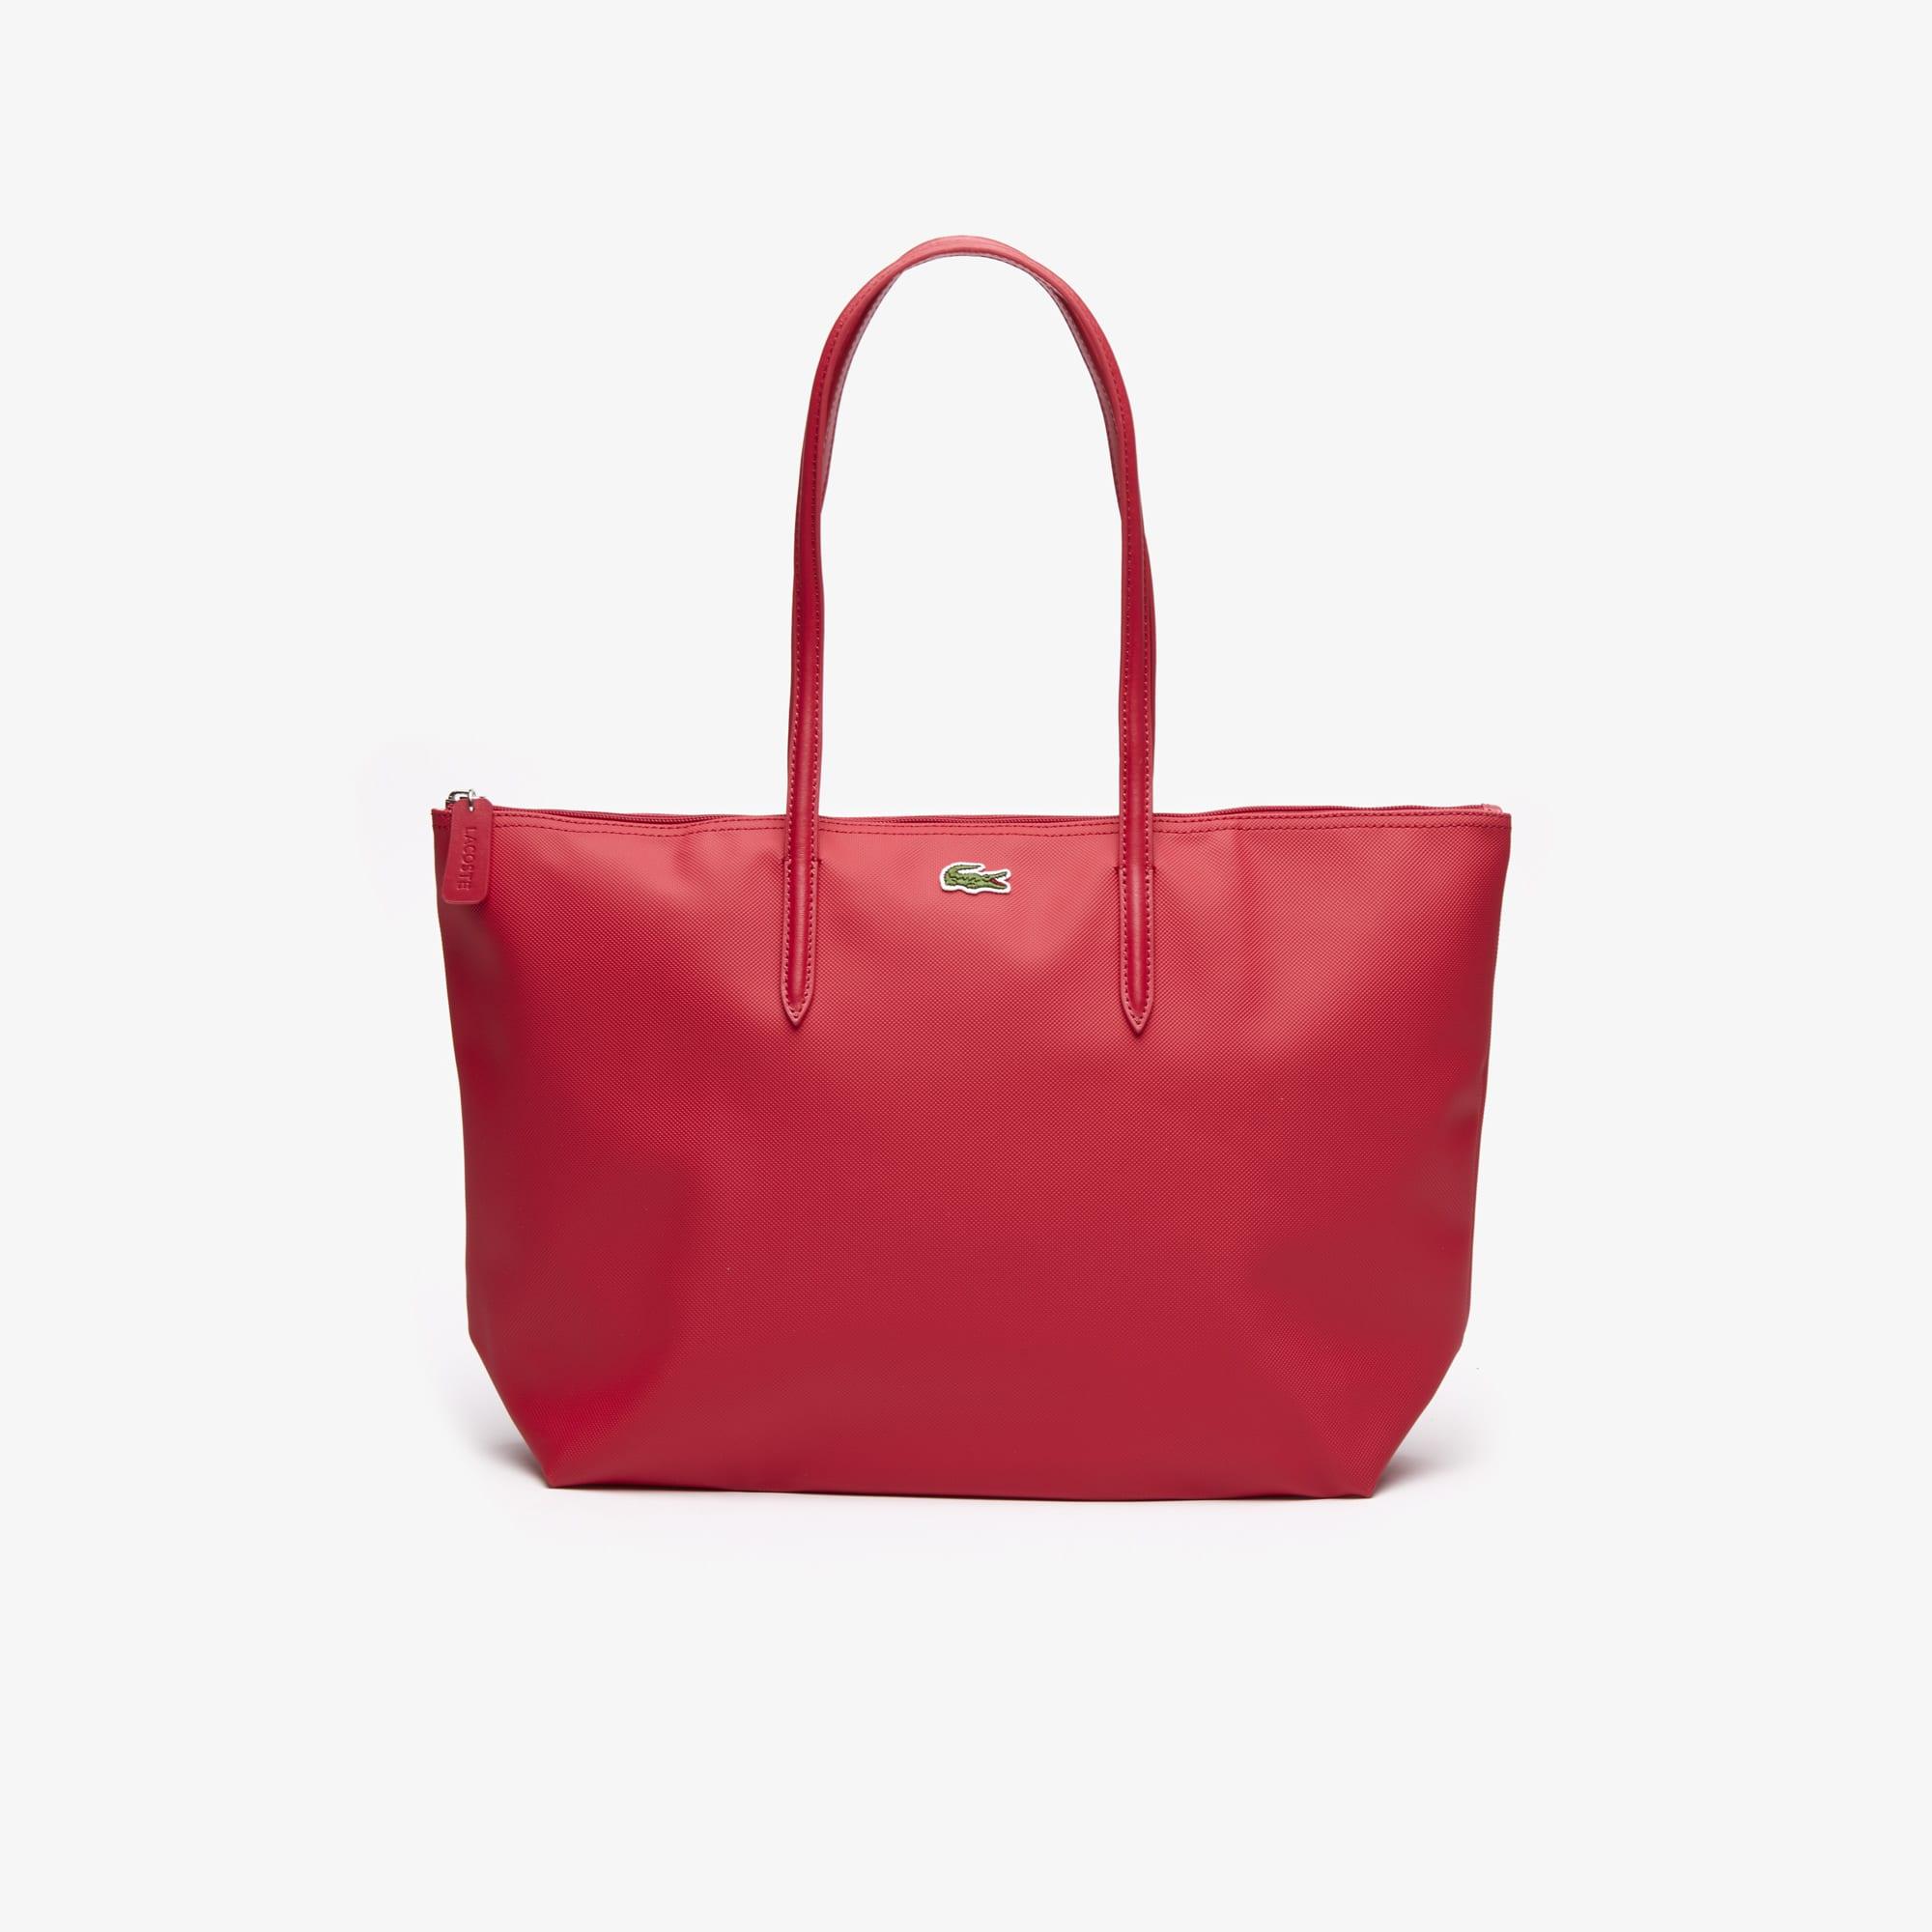 2a26d453e30 Colección de bolsos y bolsos de mano